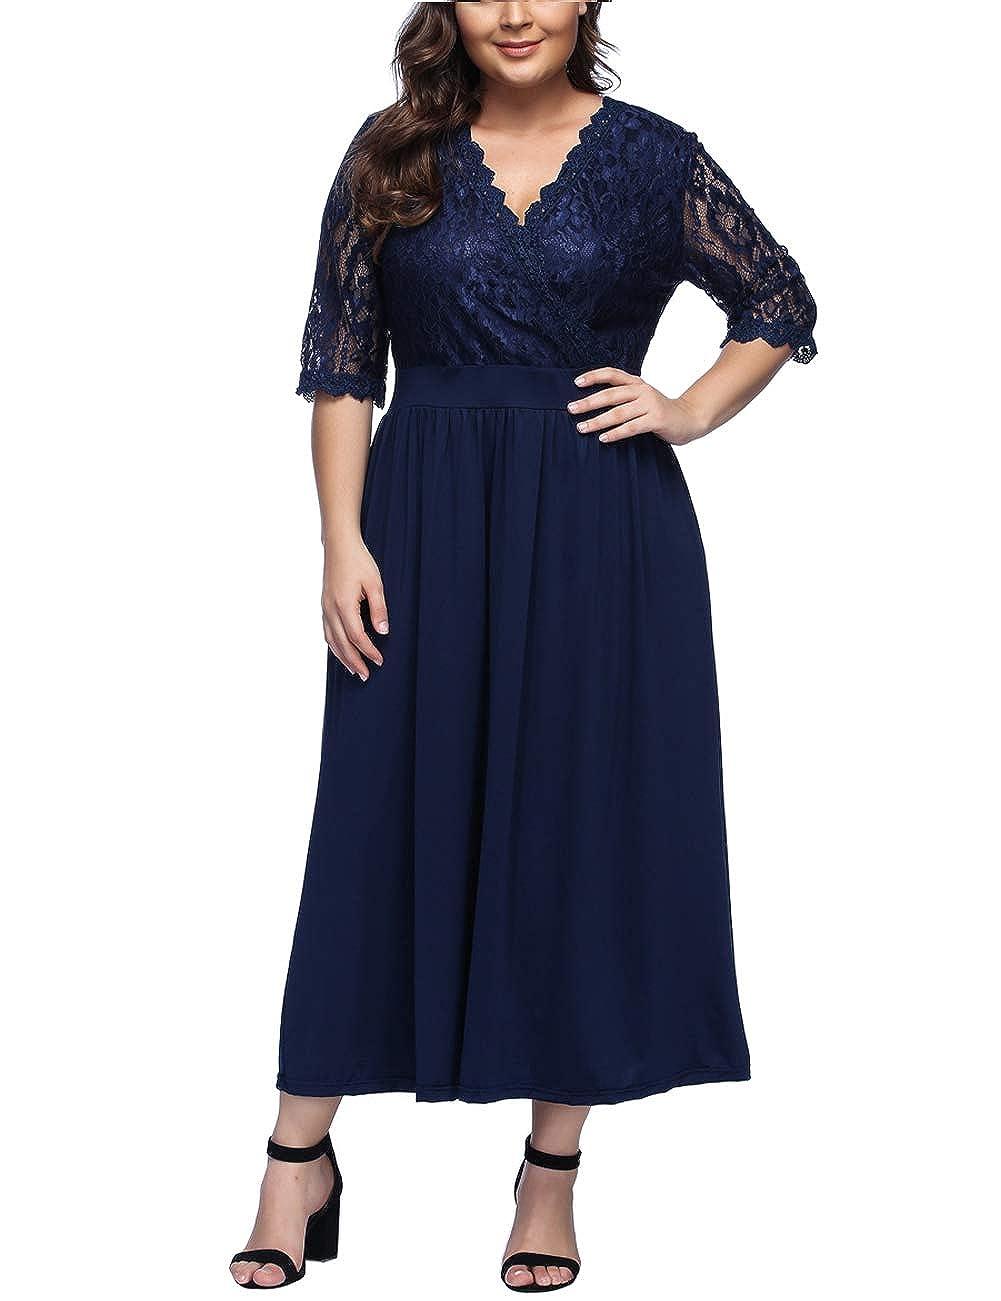 TALLA XL/ES 46-48. FeelinGirl Mujer Vestido de Noche Encaje Largo Traje Talla Extra Grande Cóctel Cintura Alta Encaje-azul XL/ES 46-48